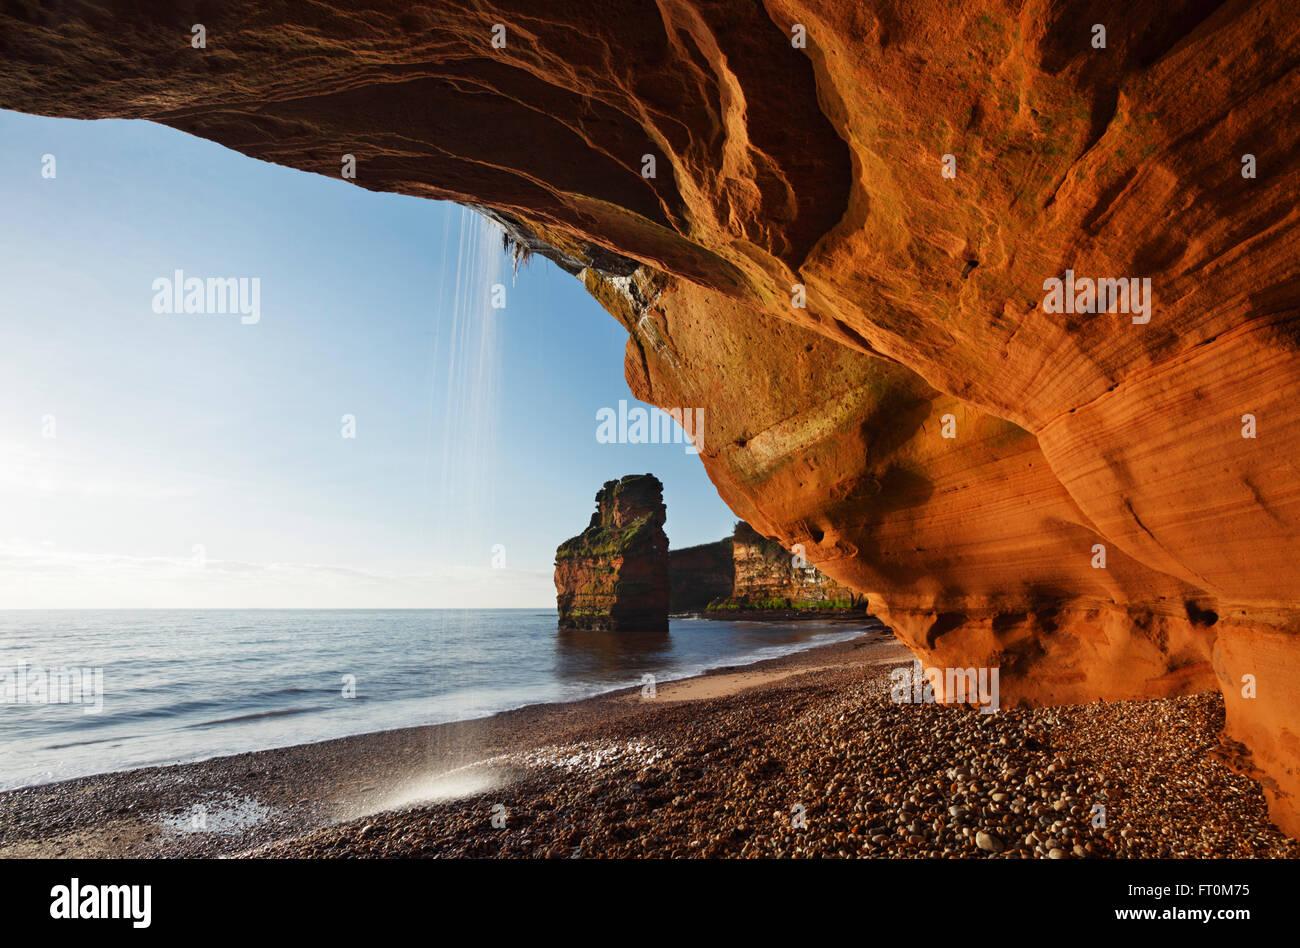 Ladram Bay. Jurassic Coast Sito Patrimonio Mondiale. Devon. Regno Unito. Immagini Stock